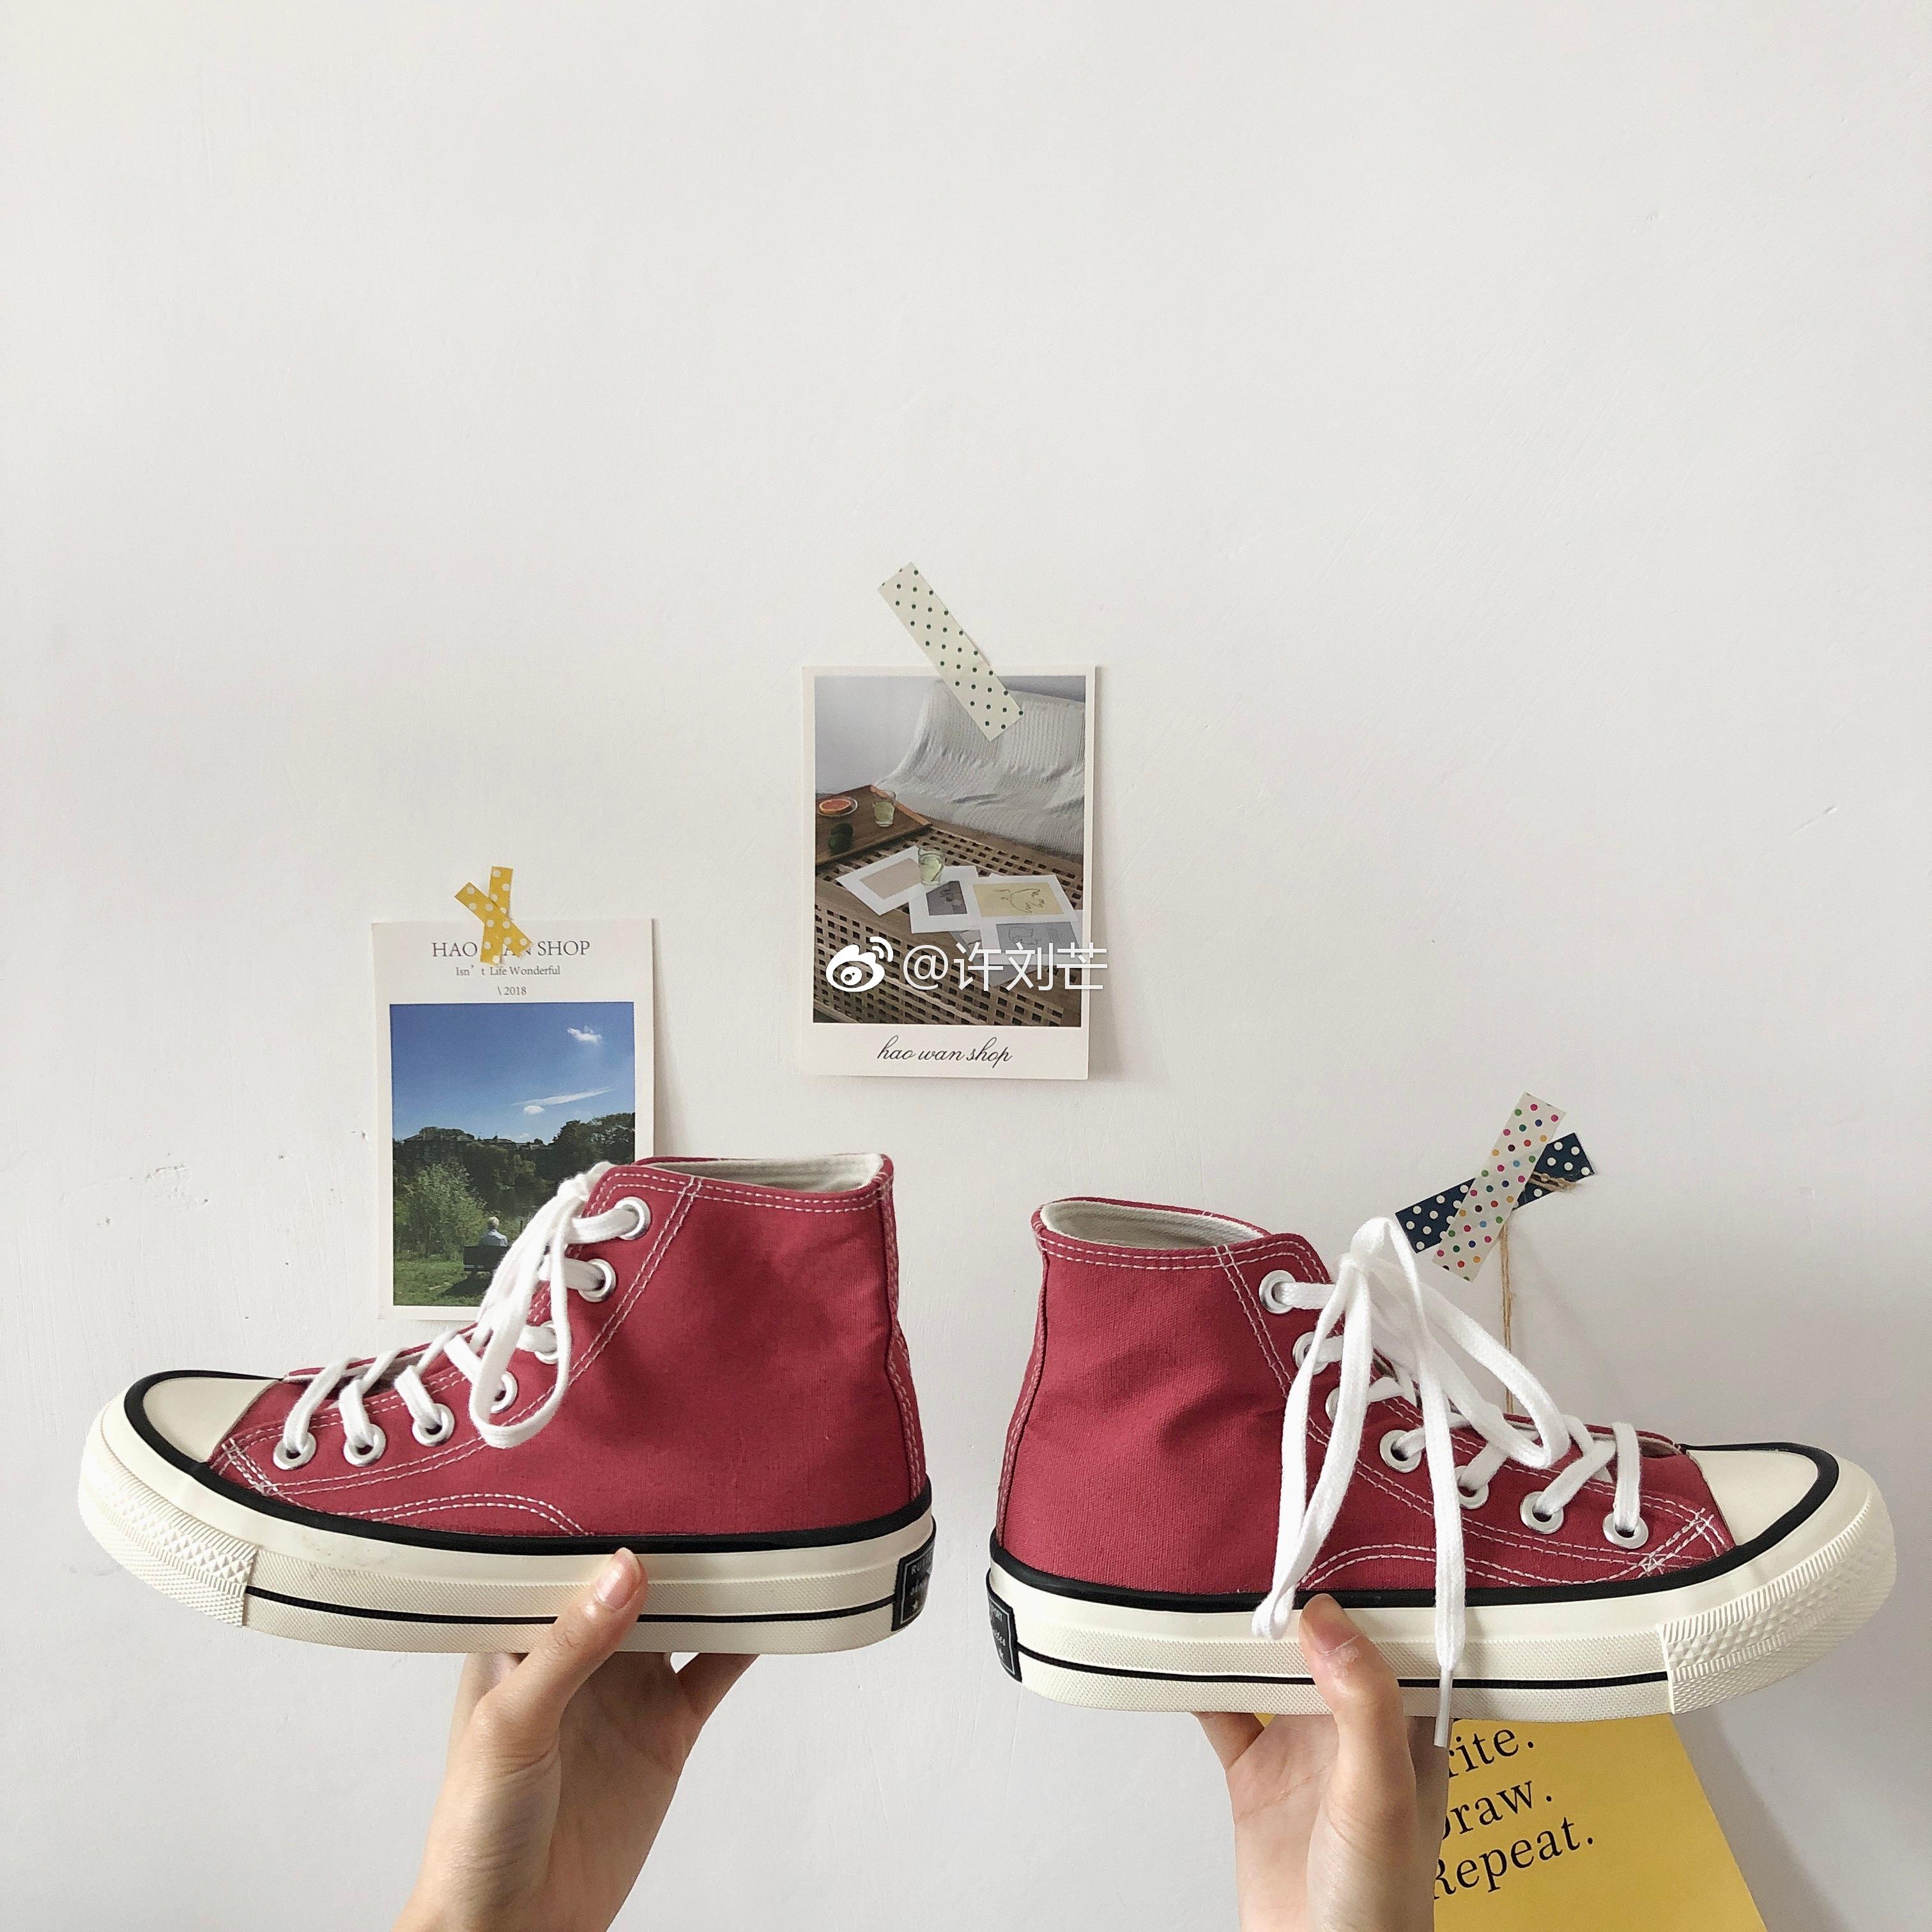 高帮复古板鞋 许刘芒 韩国街拍万年经典款豆沙色百搭复古1970s高帮帆布鞋板鞋女_推荐淘宝好看的高帮复古板鞋